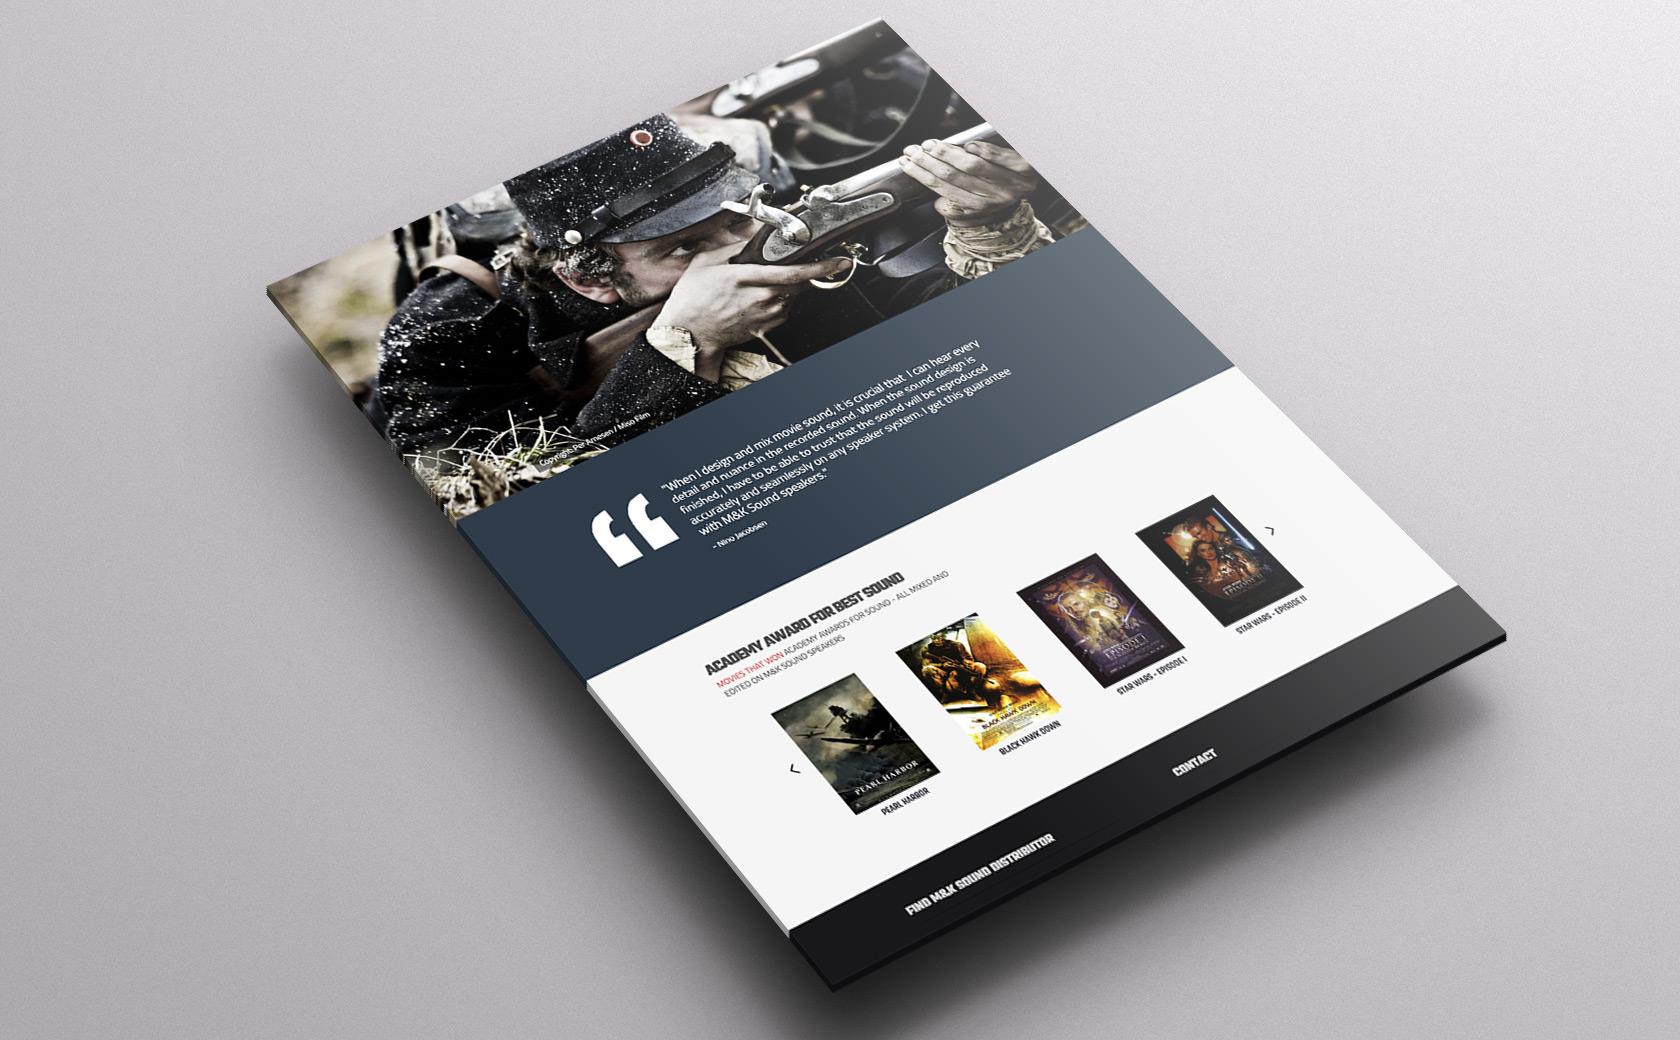 MKSound_iPad-flowed_04.jpg